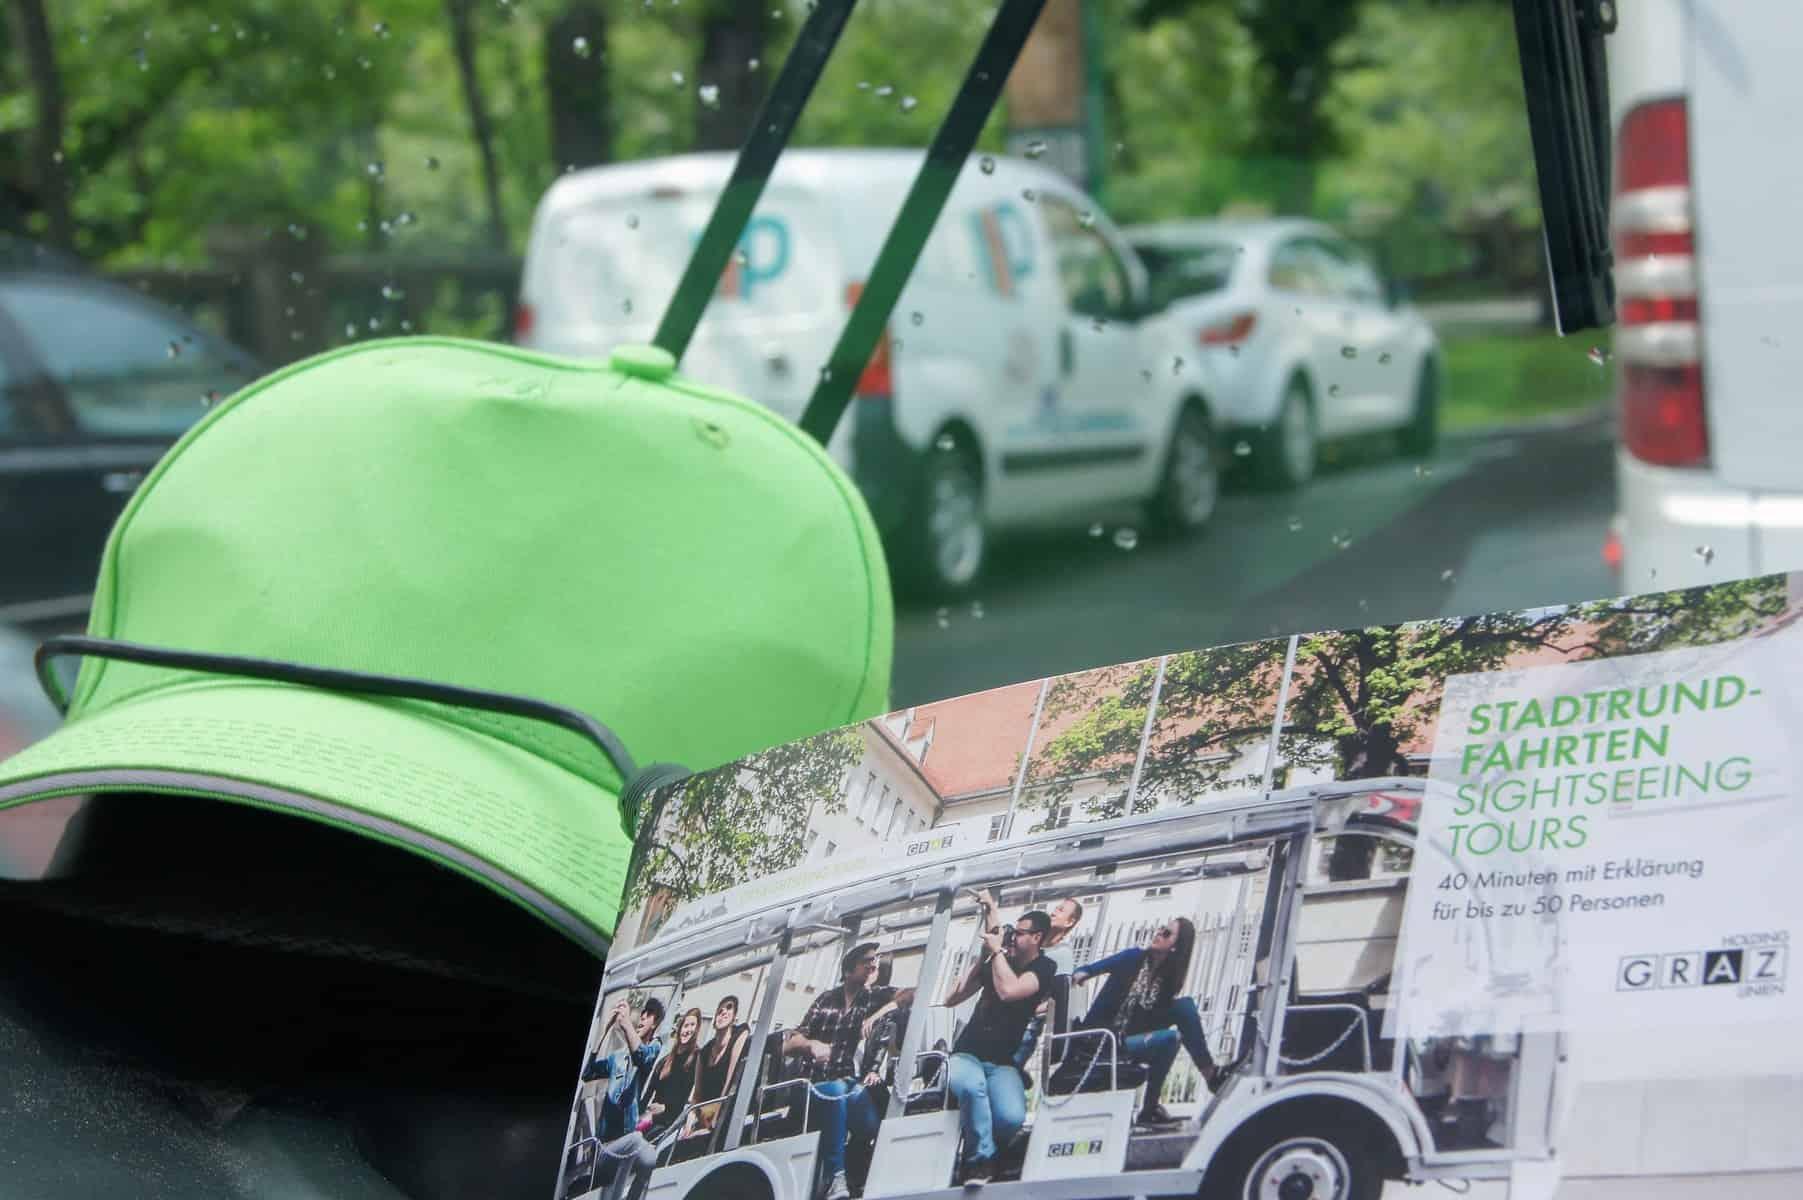 Stadtrundfahrten in Graz mit dem Elektrobus 9